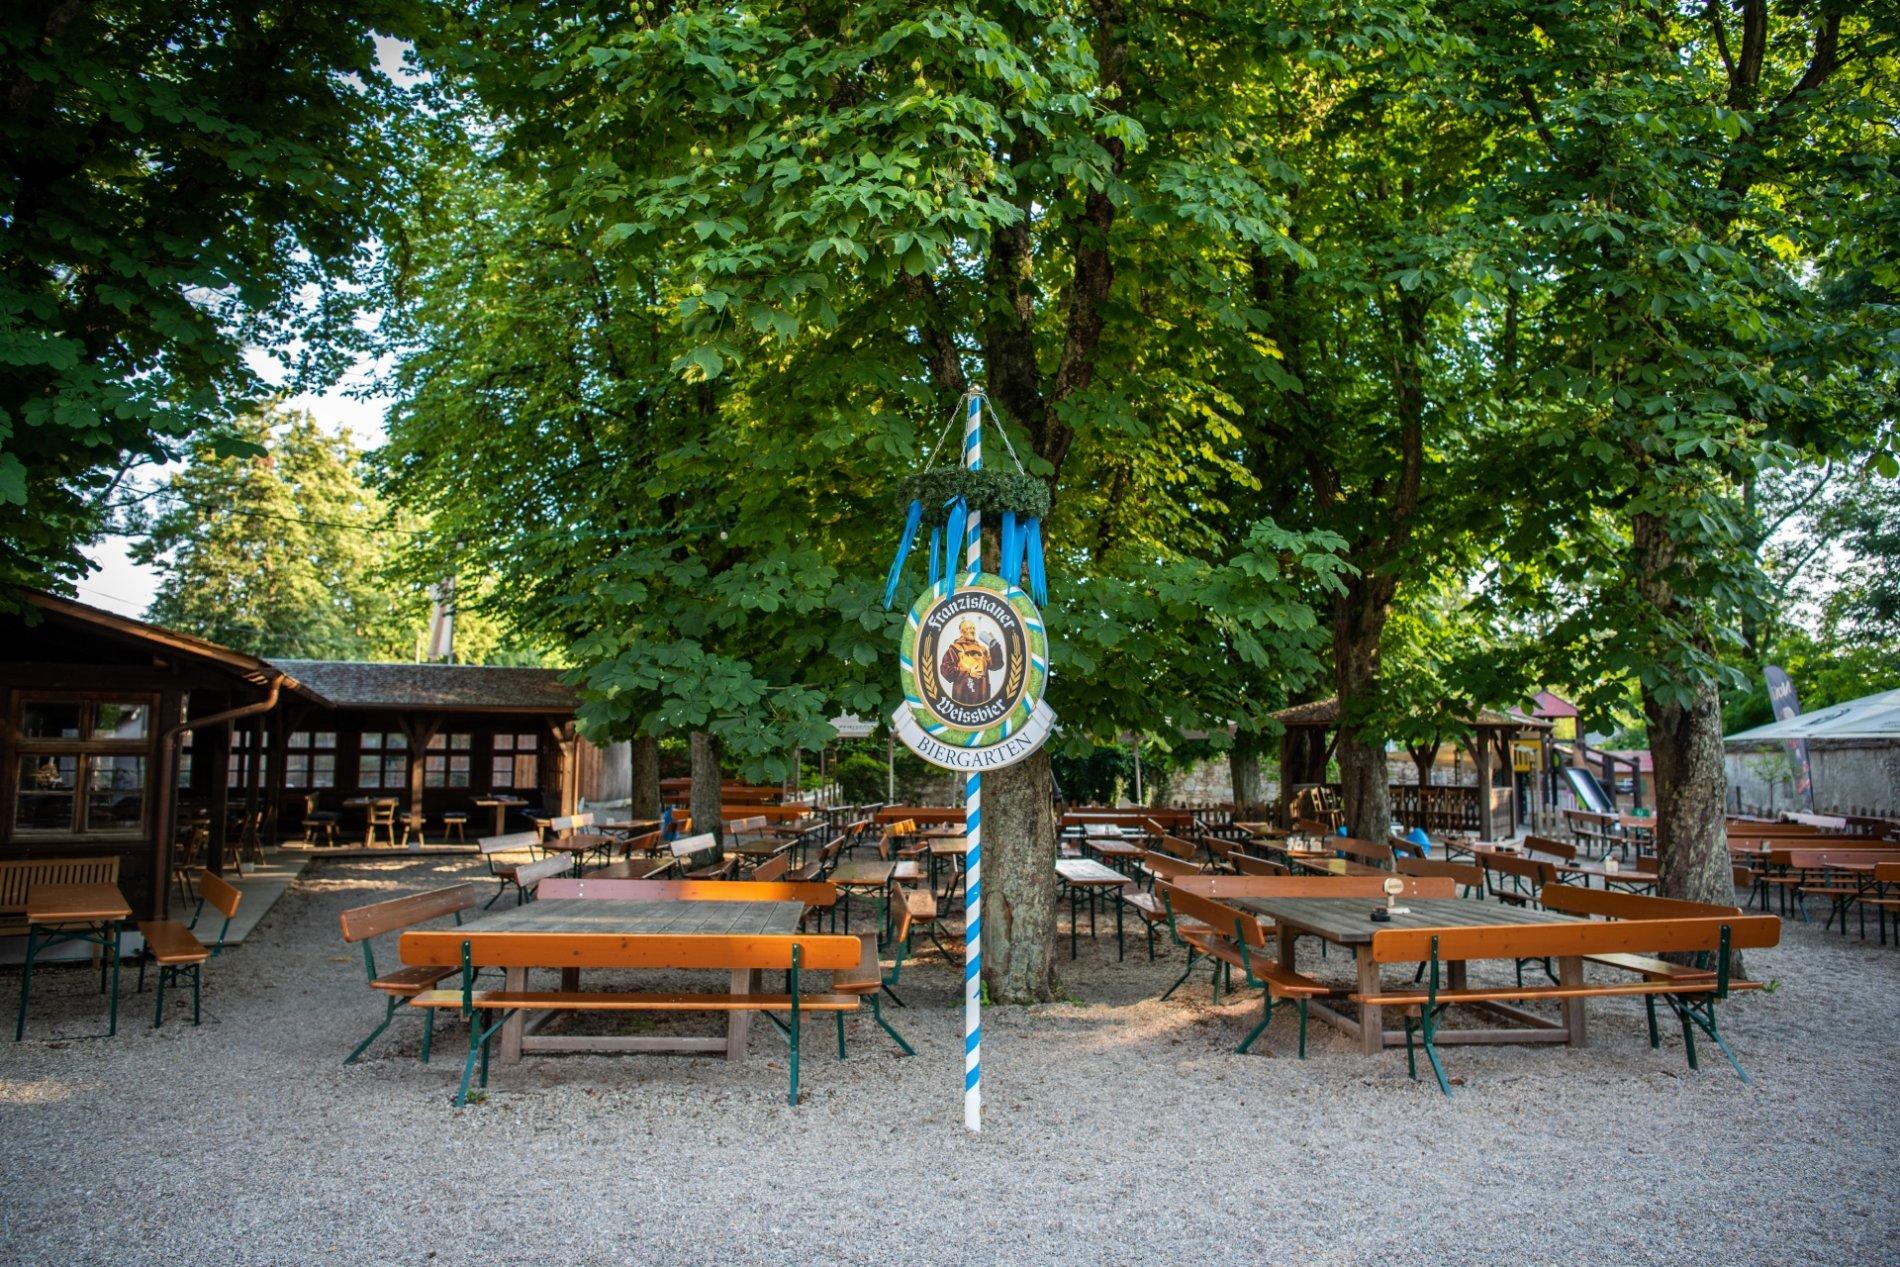 Herzlich willkommen im urigen Klosterbiergarten Biburg im Hopfenland Hallertau.